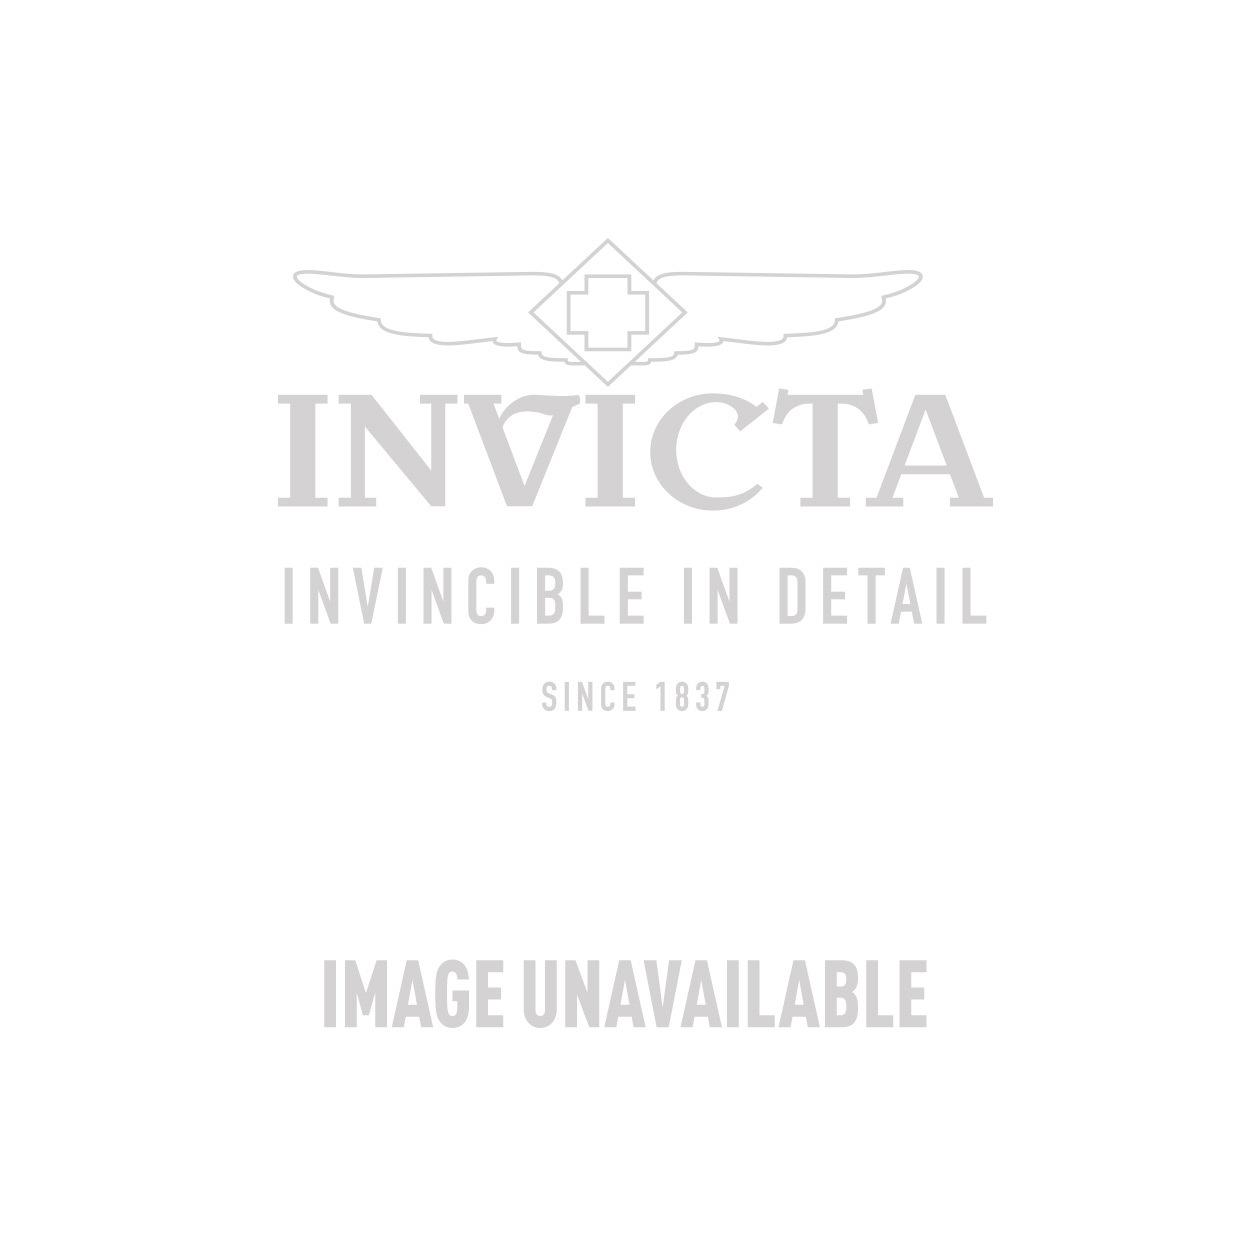 Invicta Model 28964